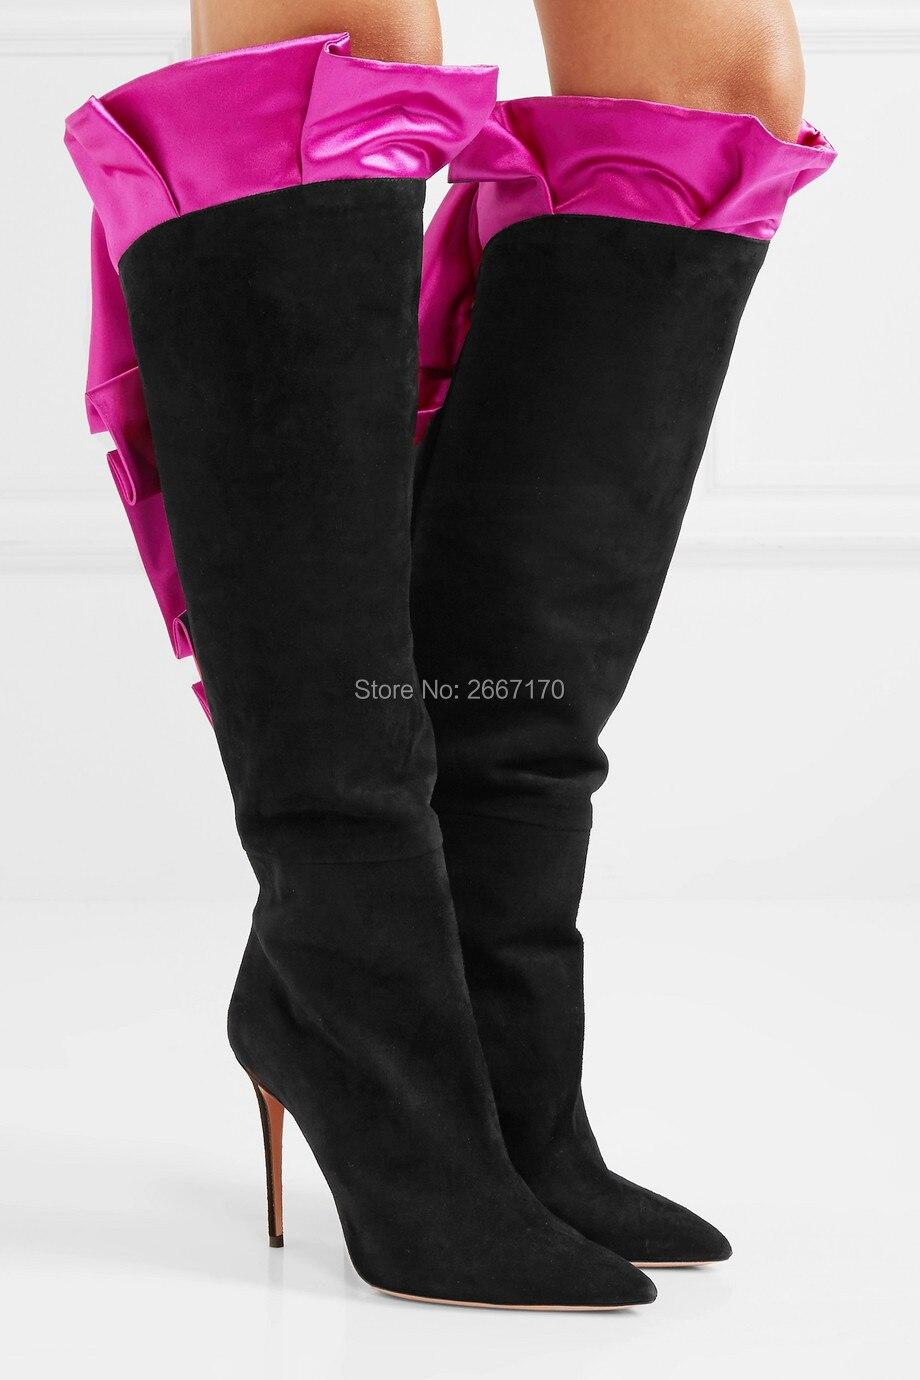 d66880ae4 Tacón Mujer Recortado Nueva Rodilla Las Marca Ruffle 2018 Punta Mujeres  Fucsia Tall Zapatos Estrecha Botines Alto ...